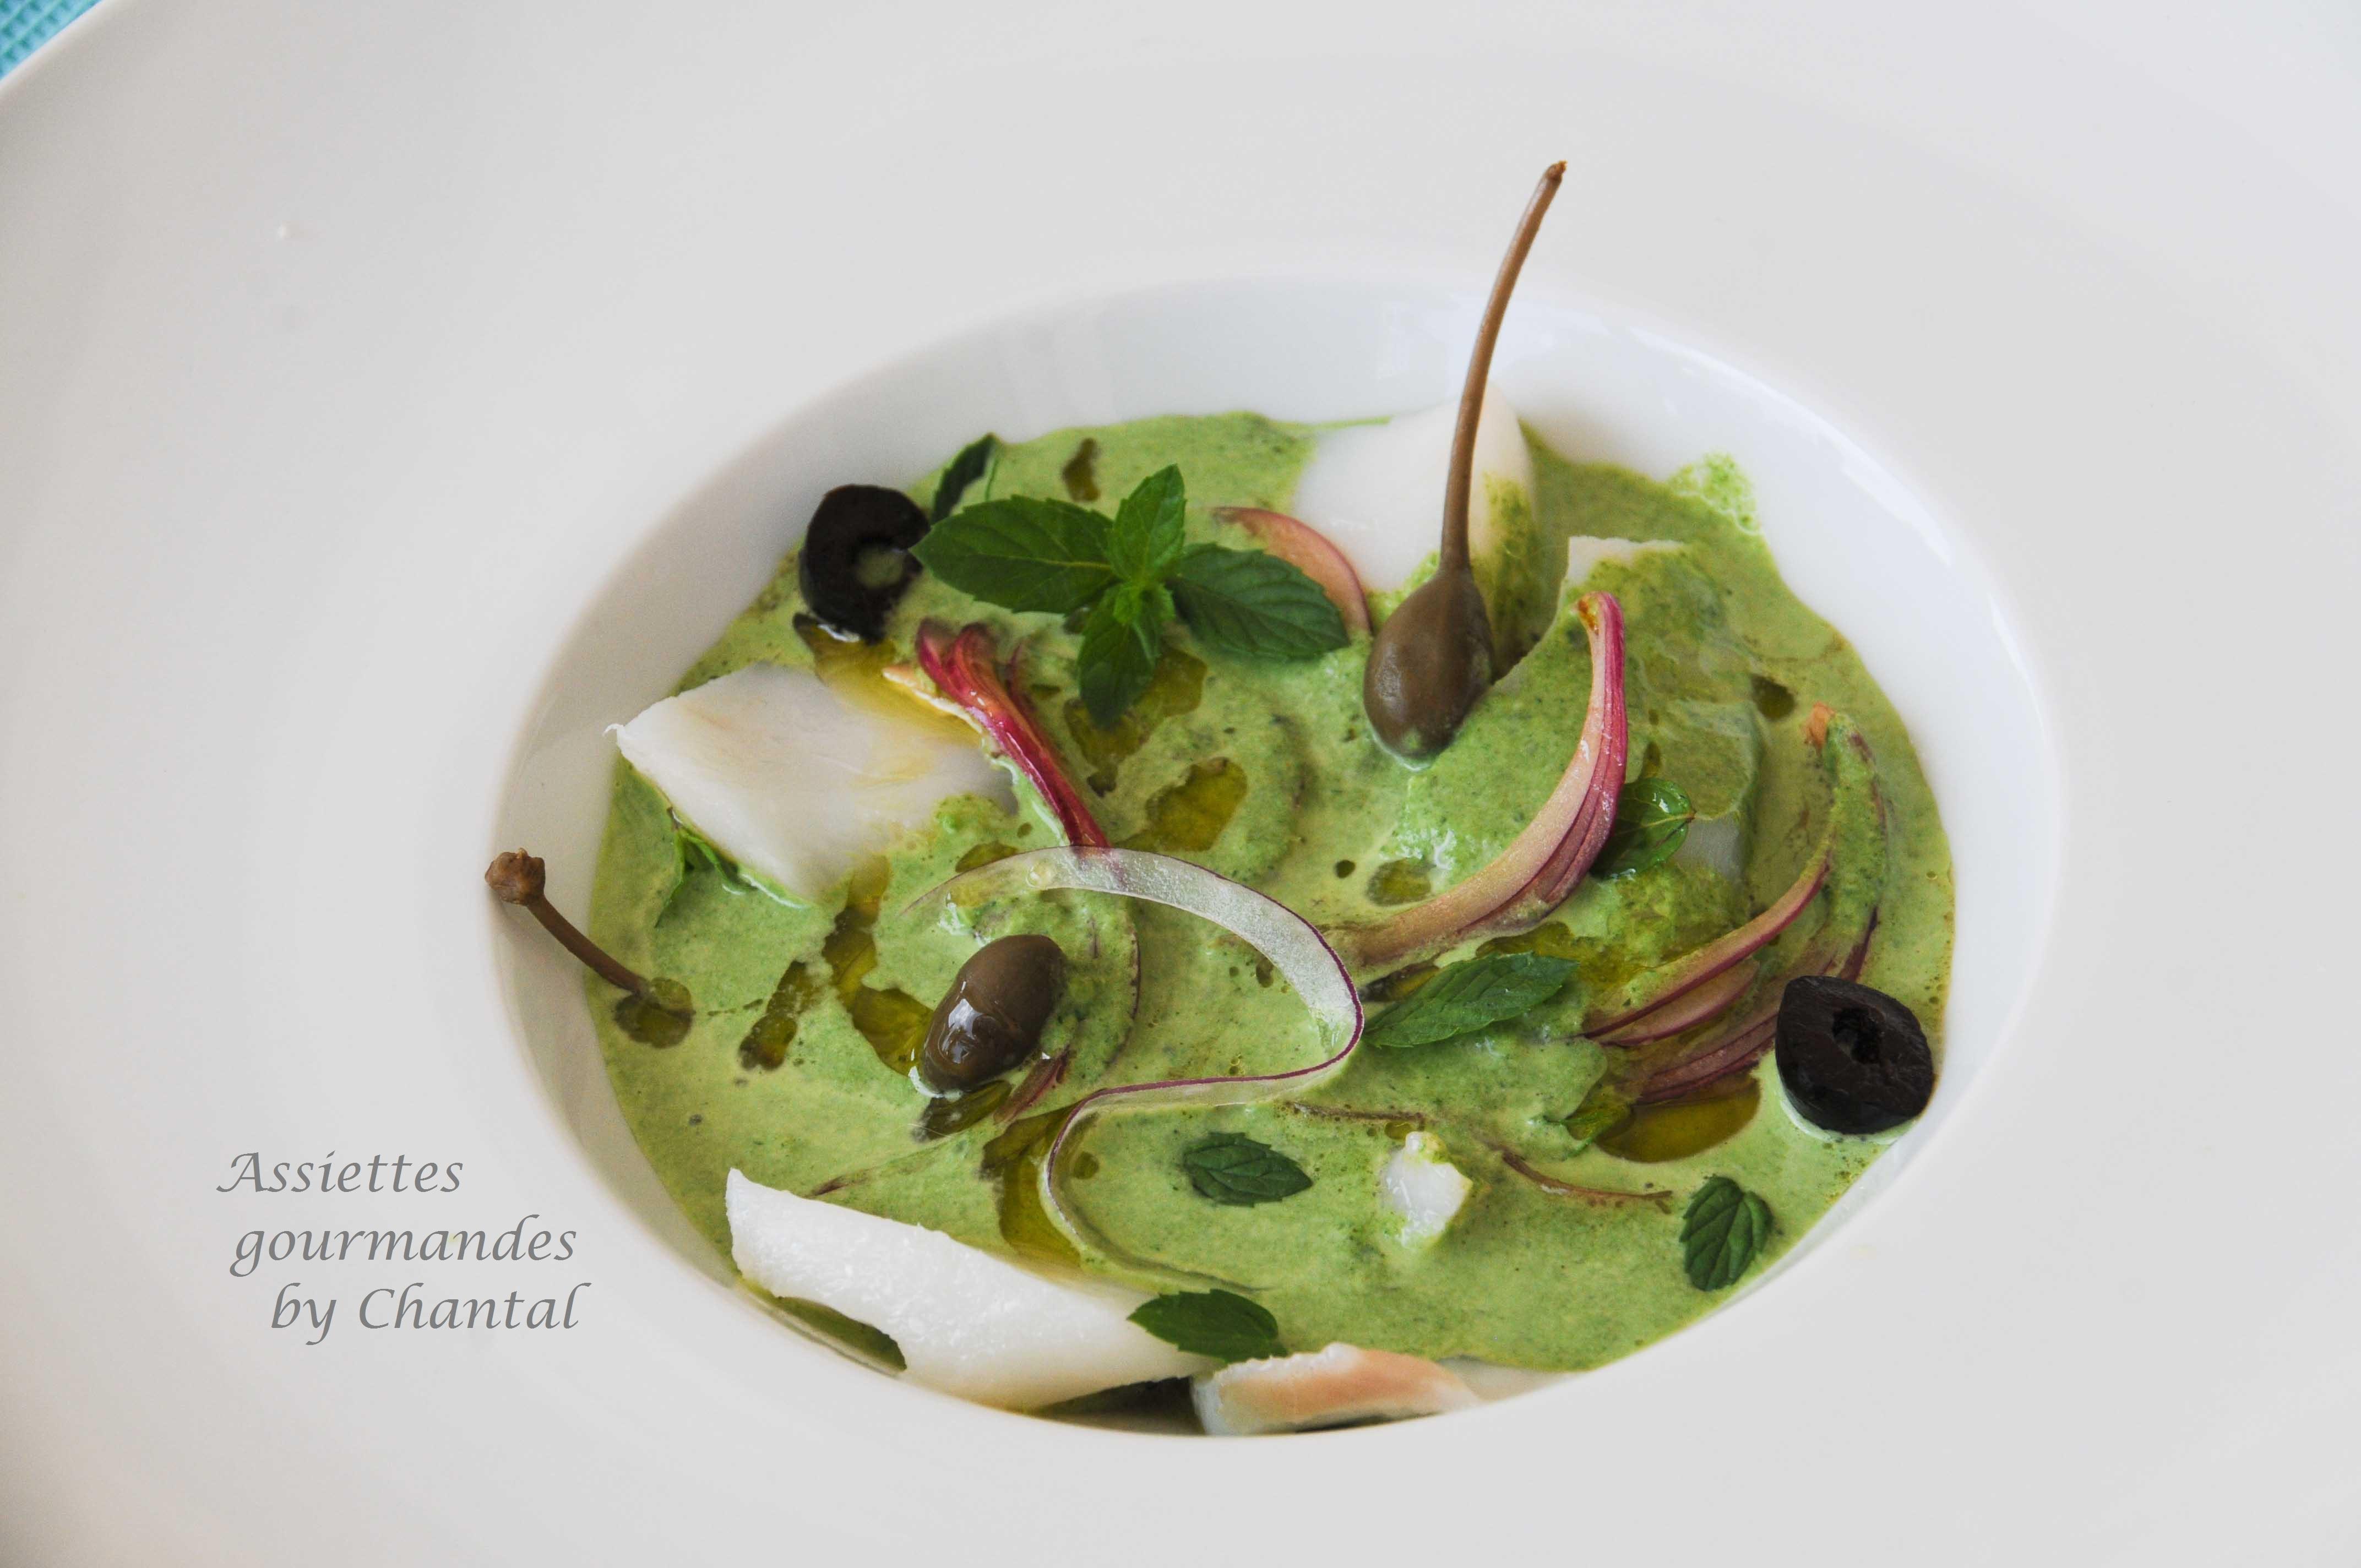 Cabillaud basse température, tapenade, bouillon d'herbes, oignon rouge mariné